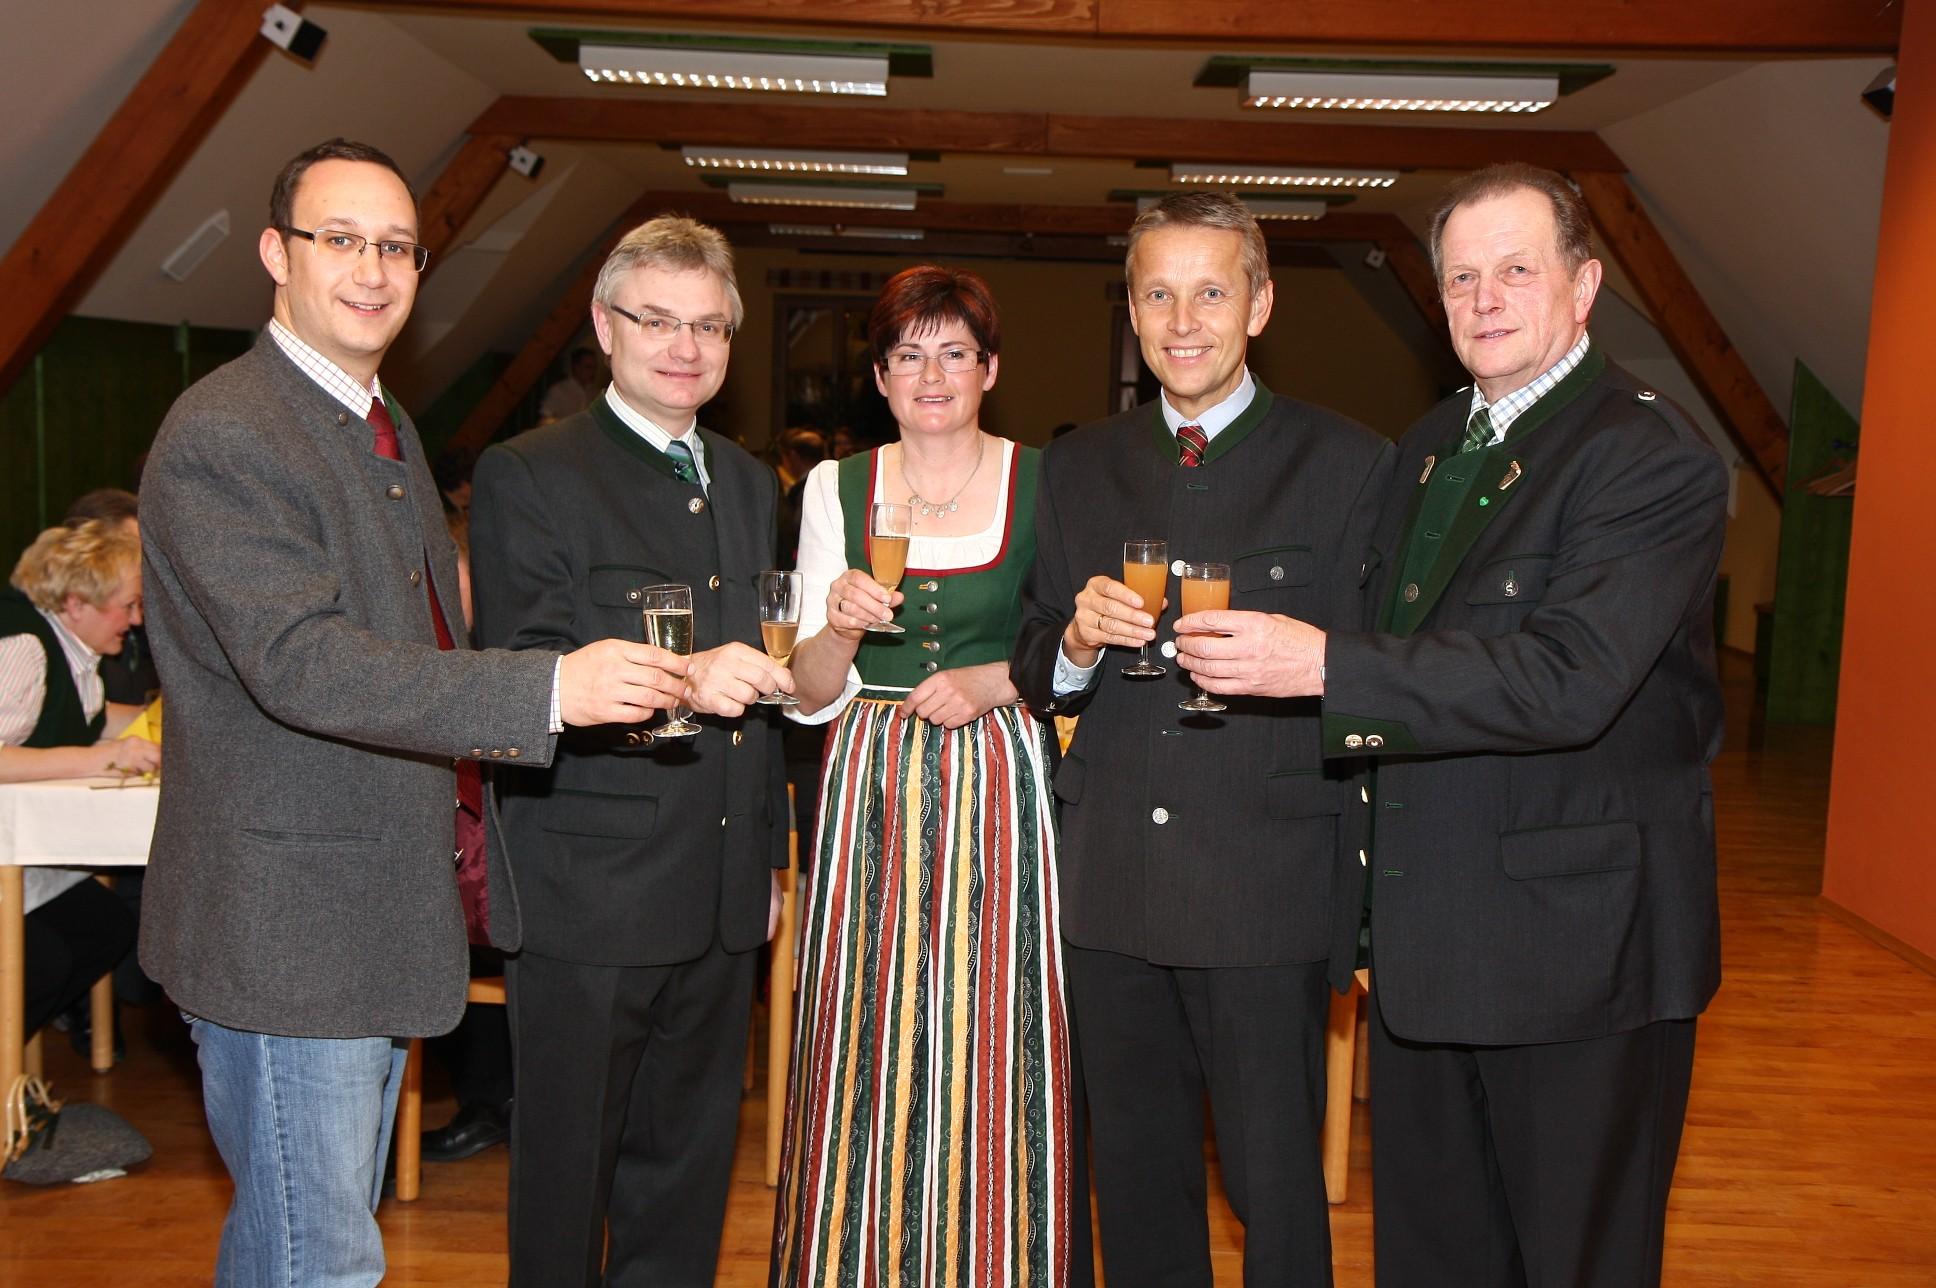 Mit Nationaratsabgeordneten Jochen Pack, Landtagsabgeordneten Franz Riebenbauer sowie Hermann Grassl mit seiner Ehefrau Maria (C) Büro StS